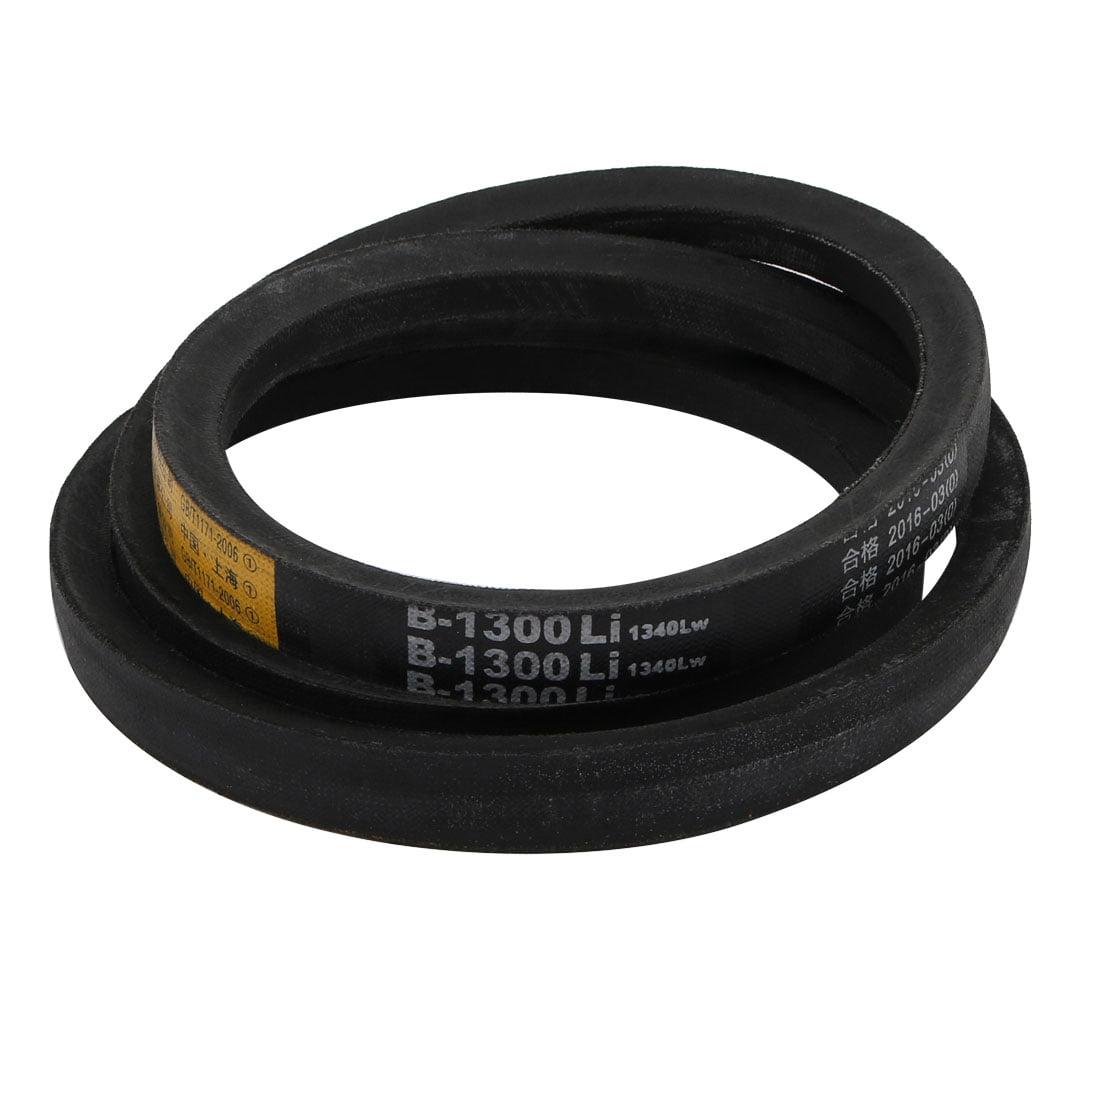 Unique Bargains B1300 17mm Width 11mm Thickness Rubber Transmission Driving Belt V-Belt - image 3 de 3